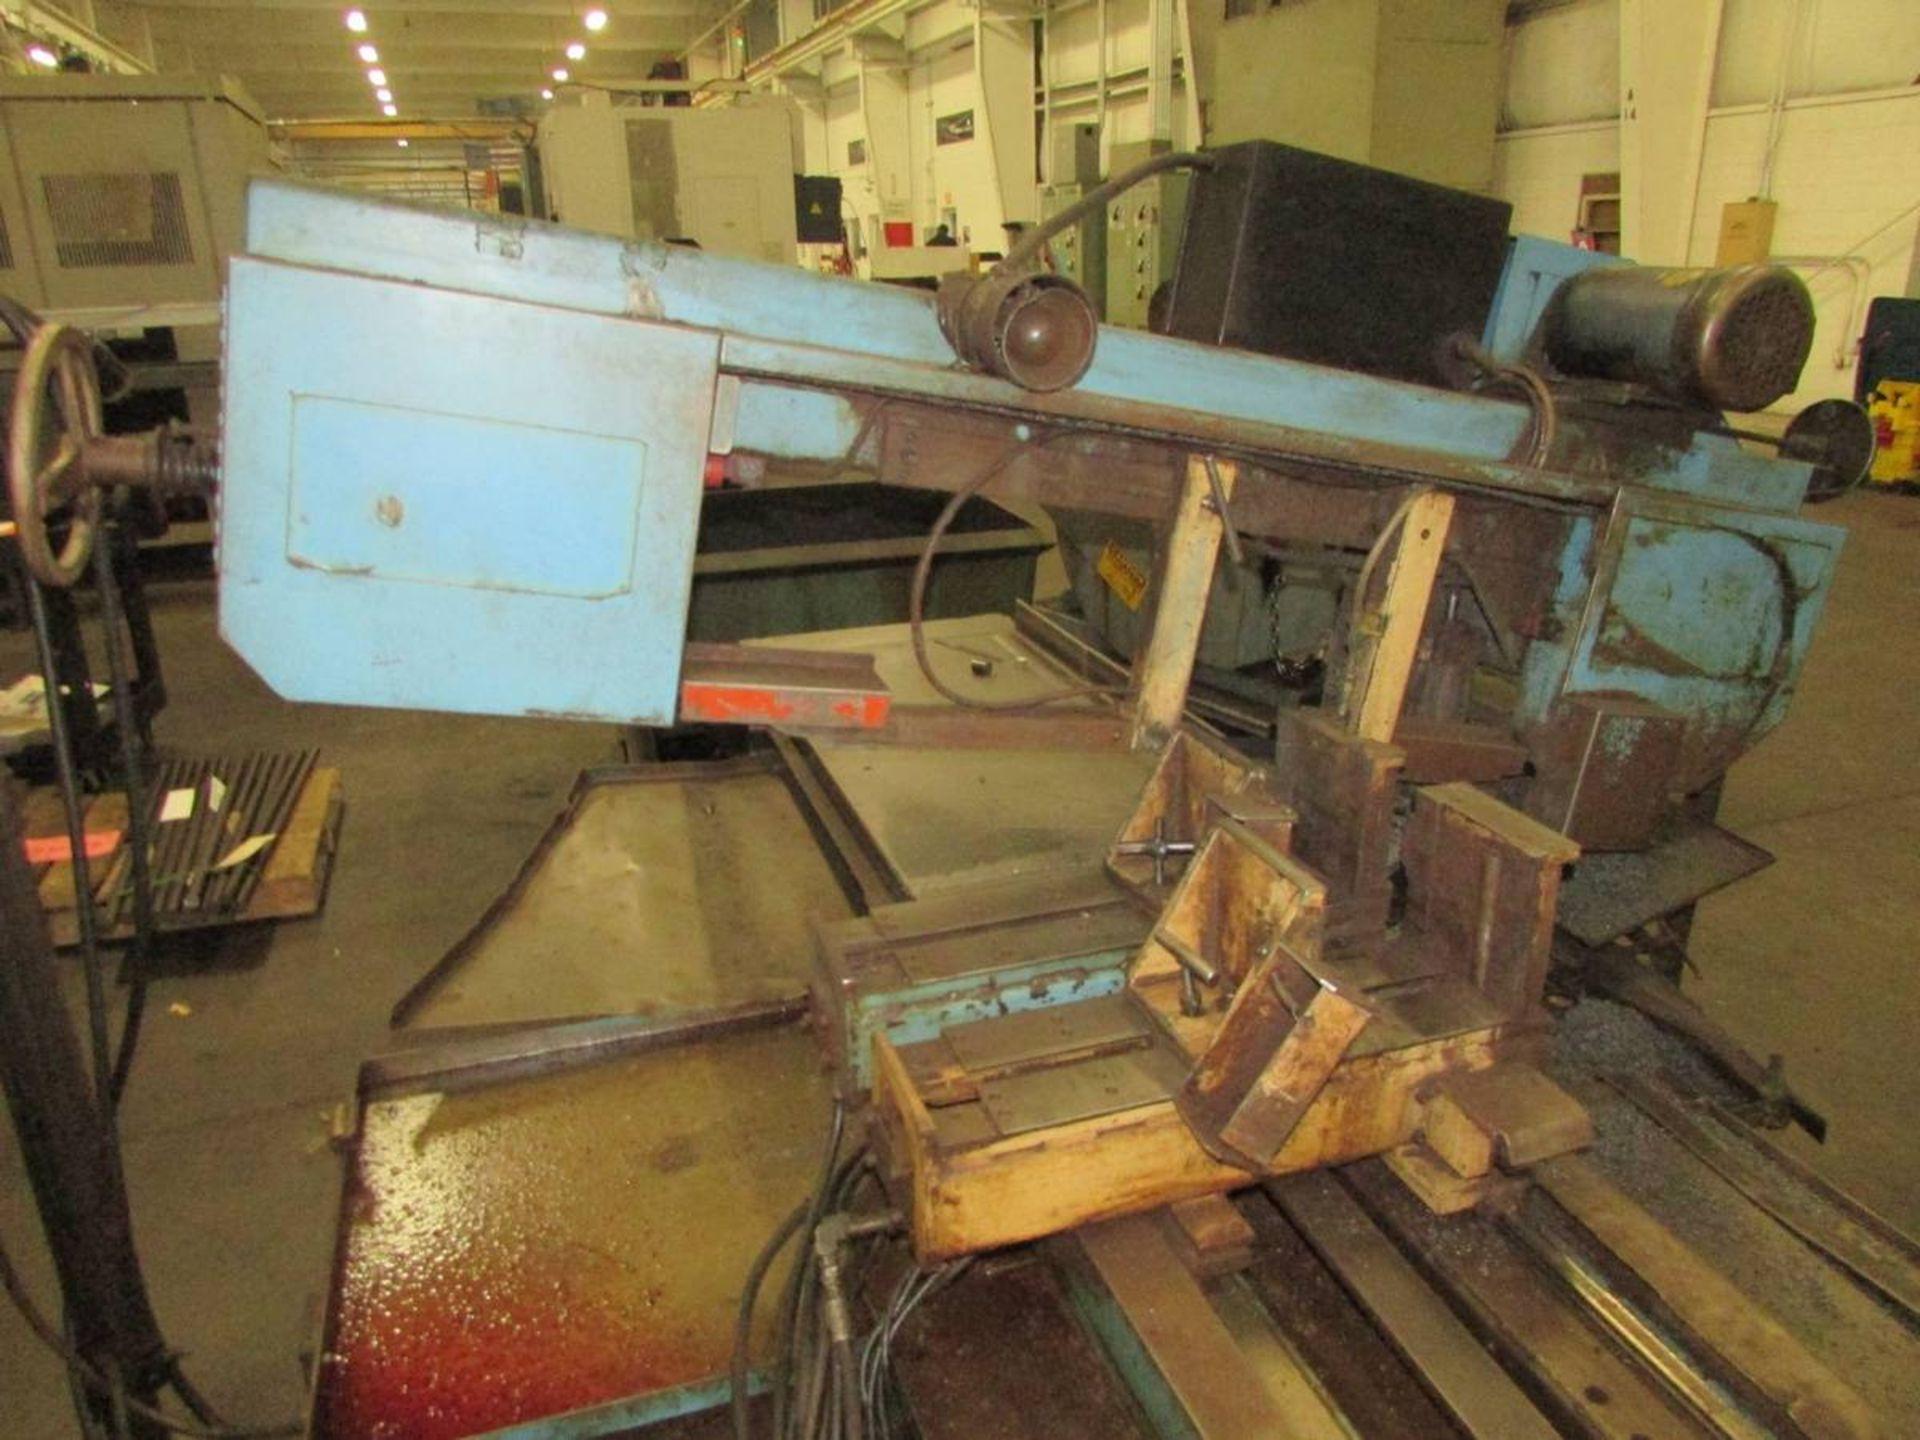 DoAll C-916SA Automatic Horizontal Bandsaw - Image 9 of 14